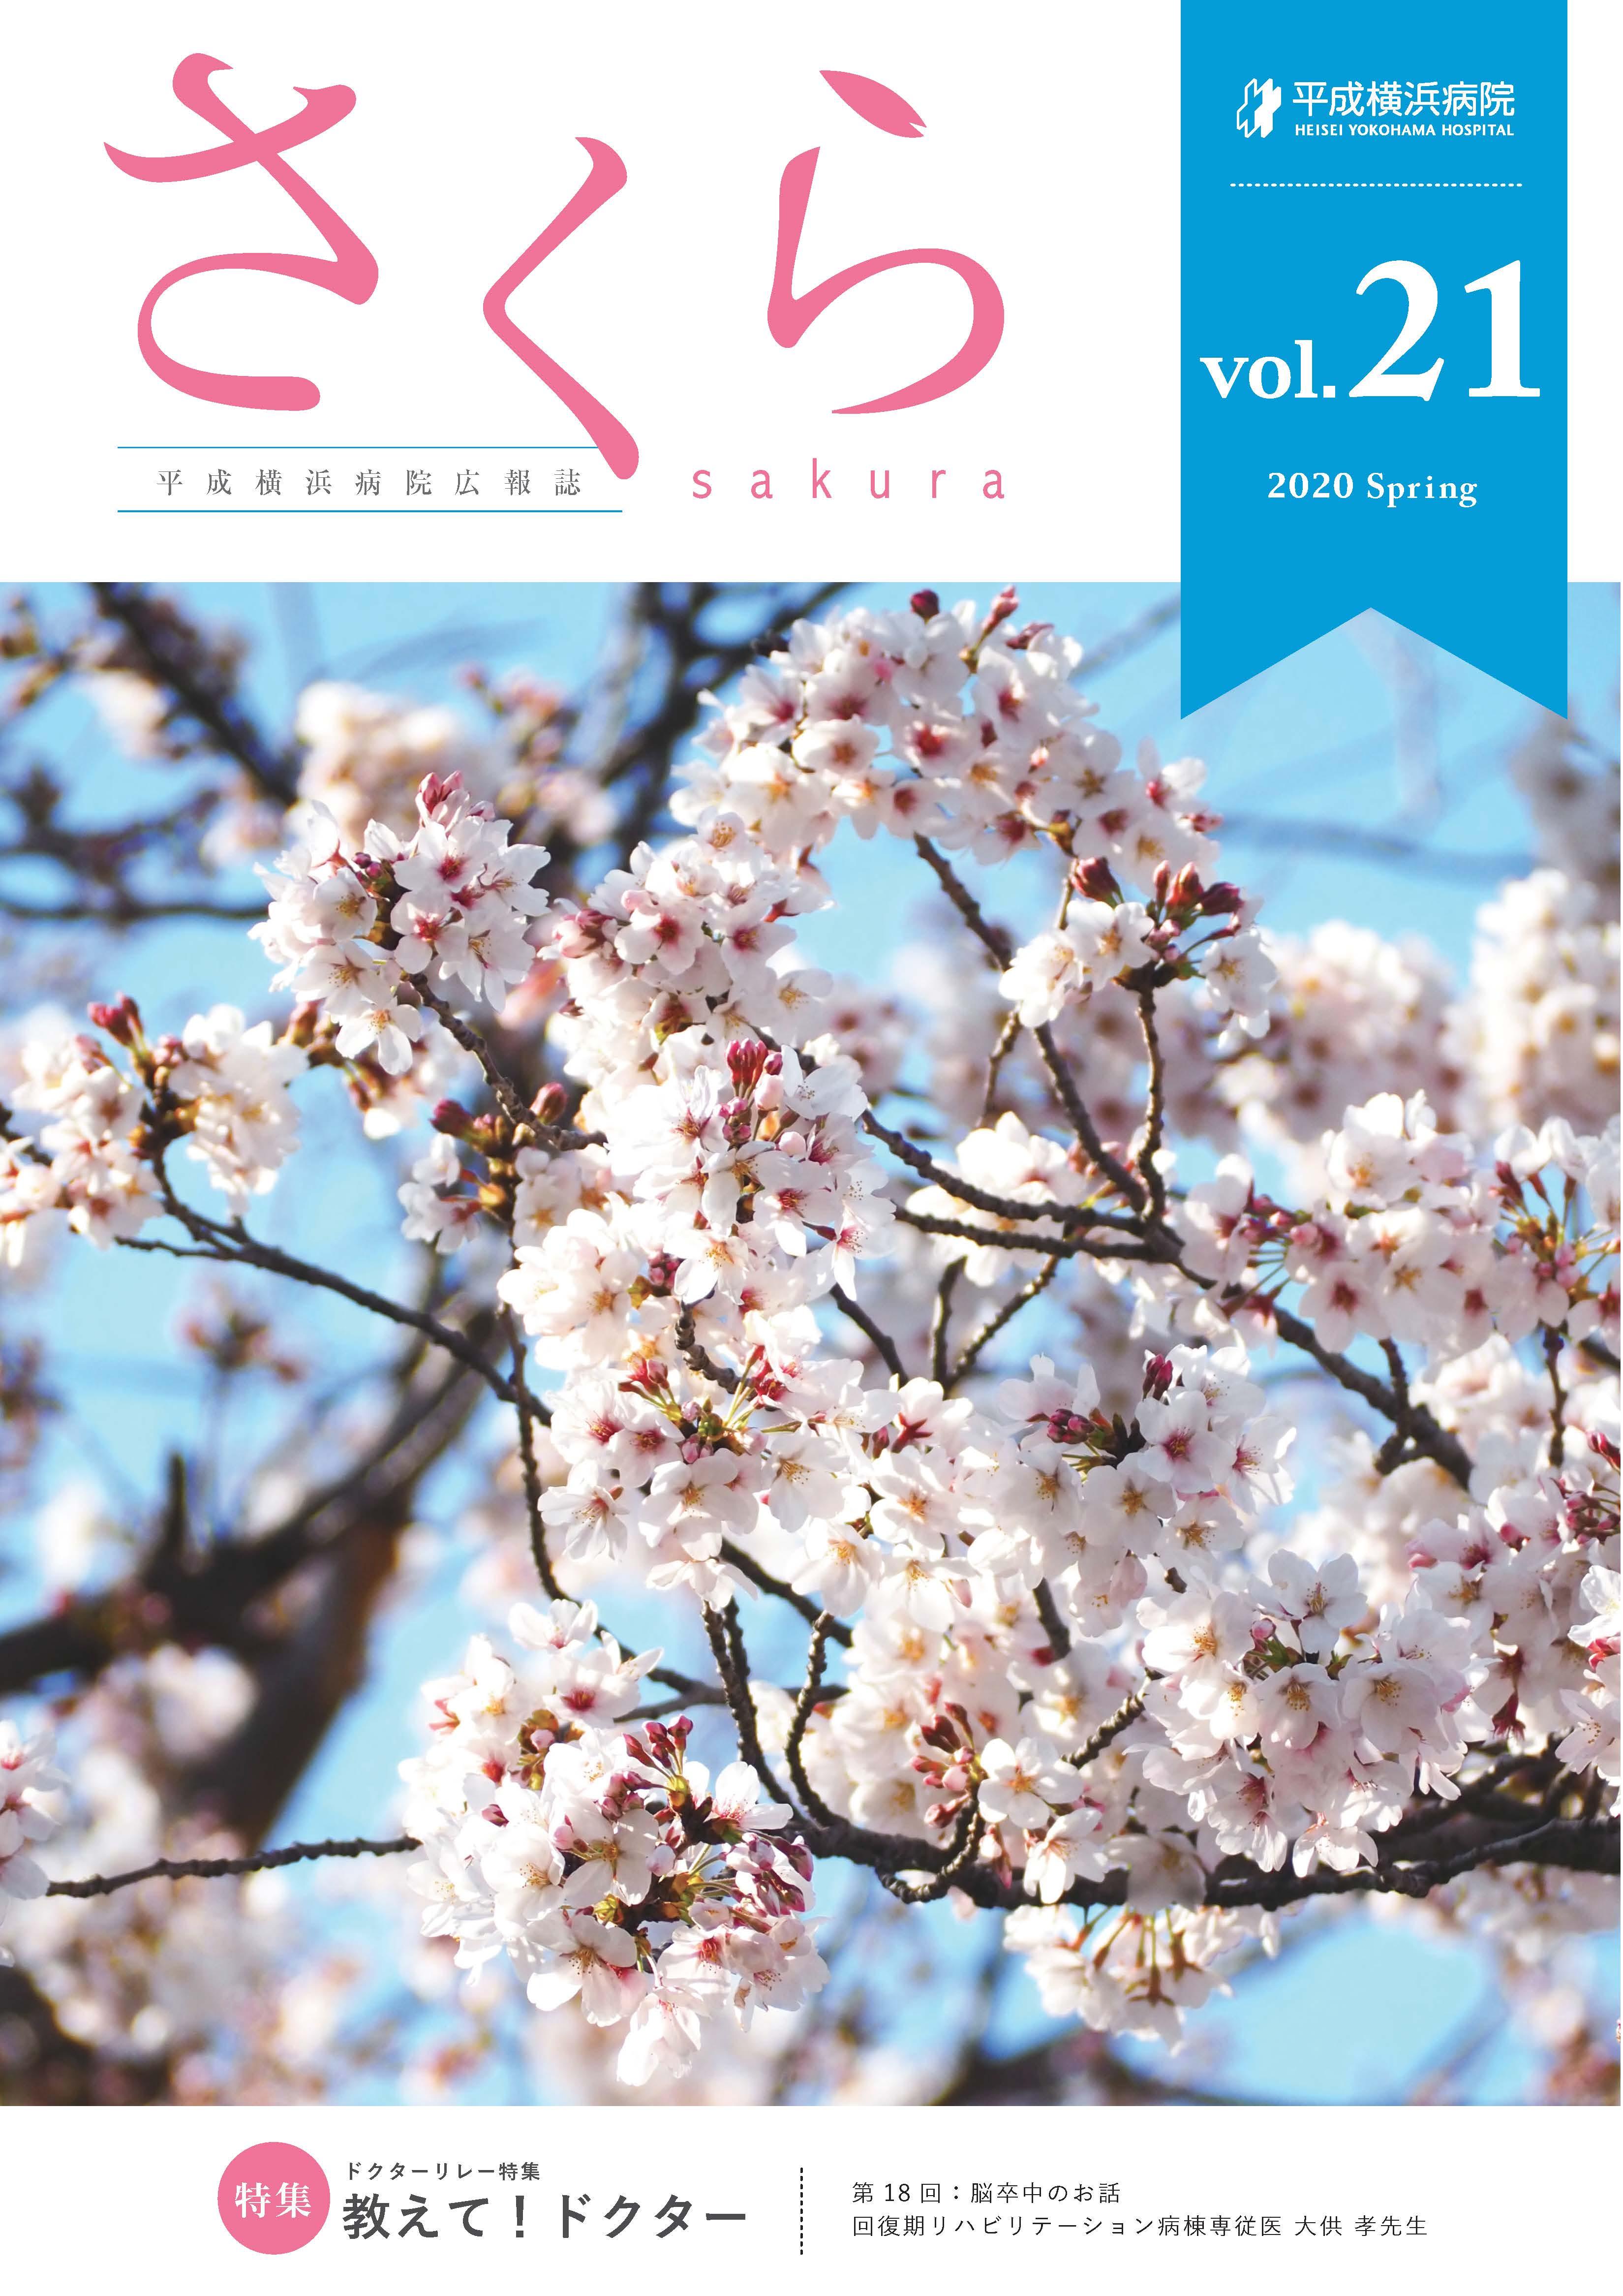 さくら vol.21